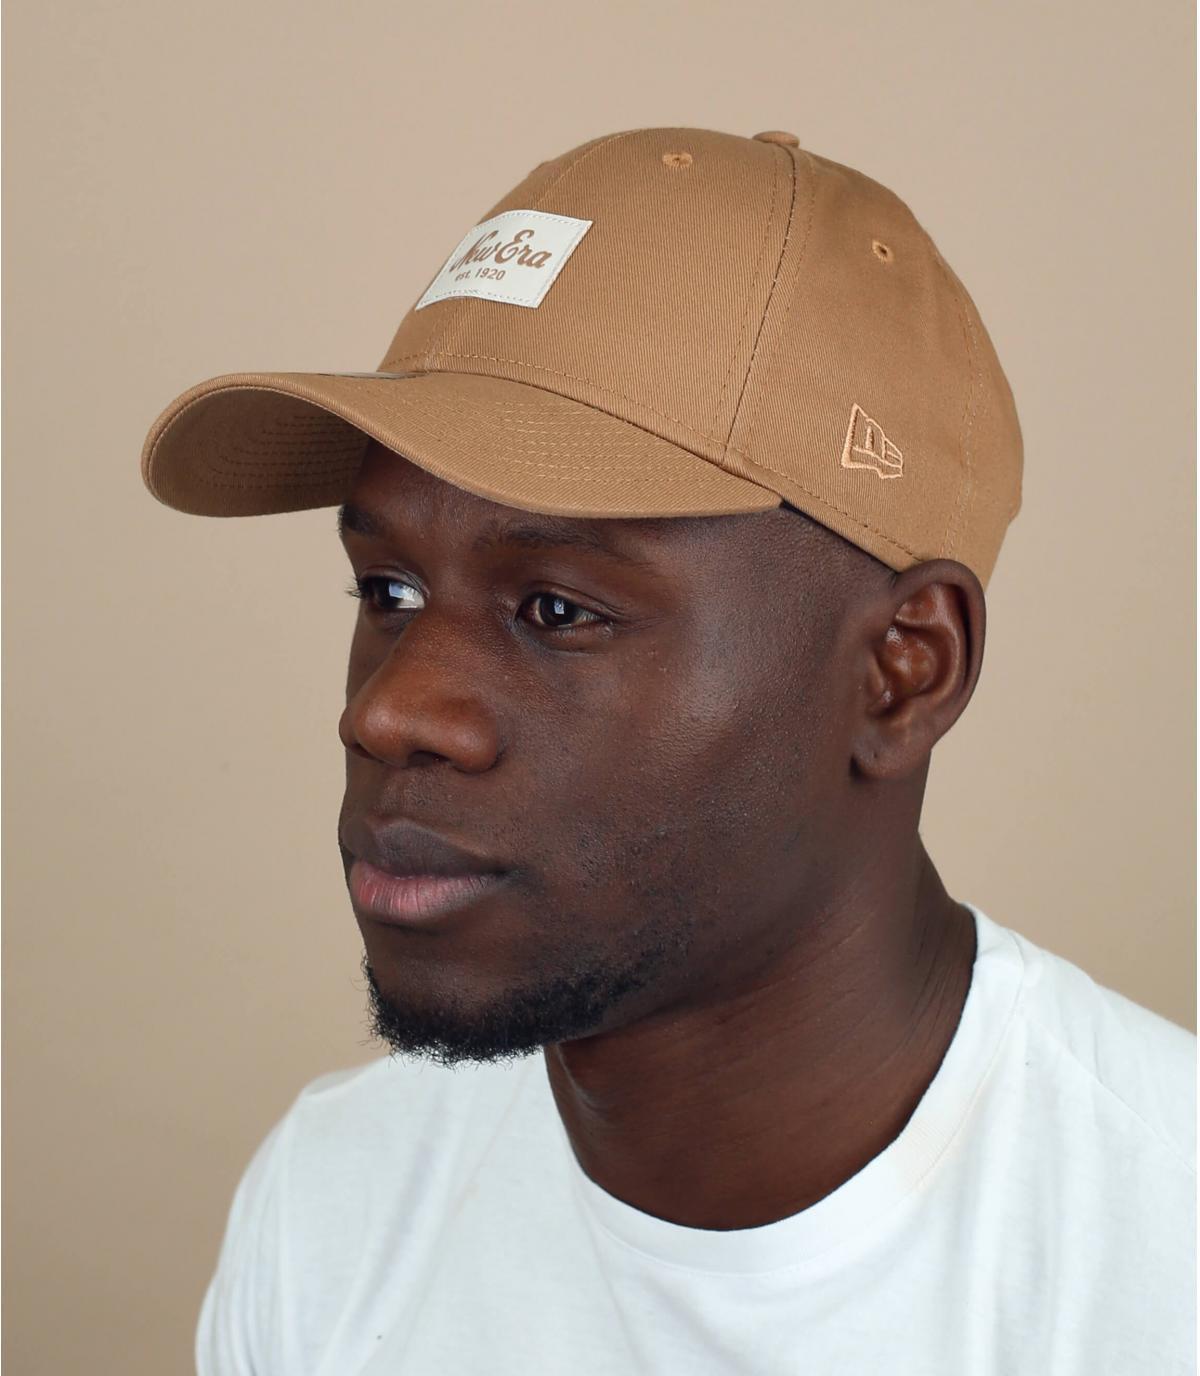 beige New Era cap